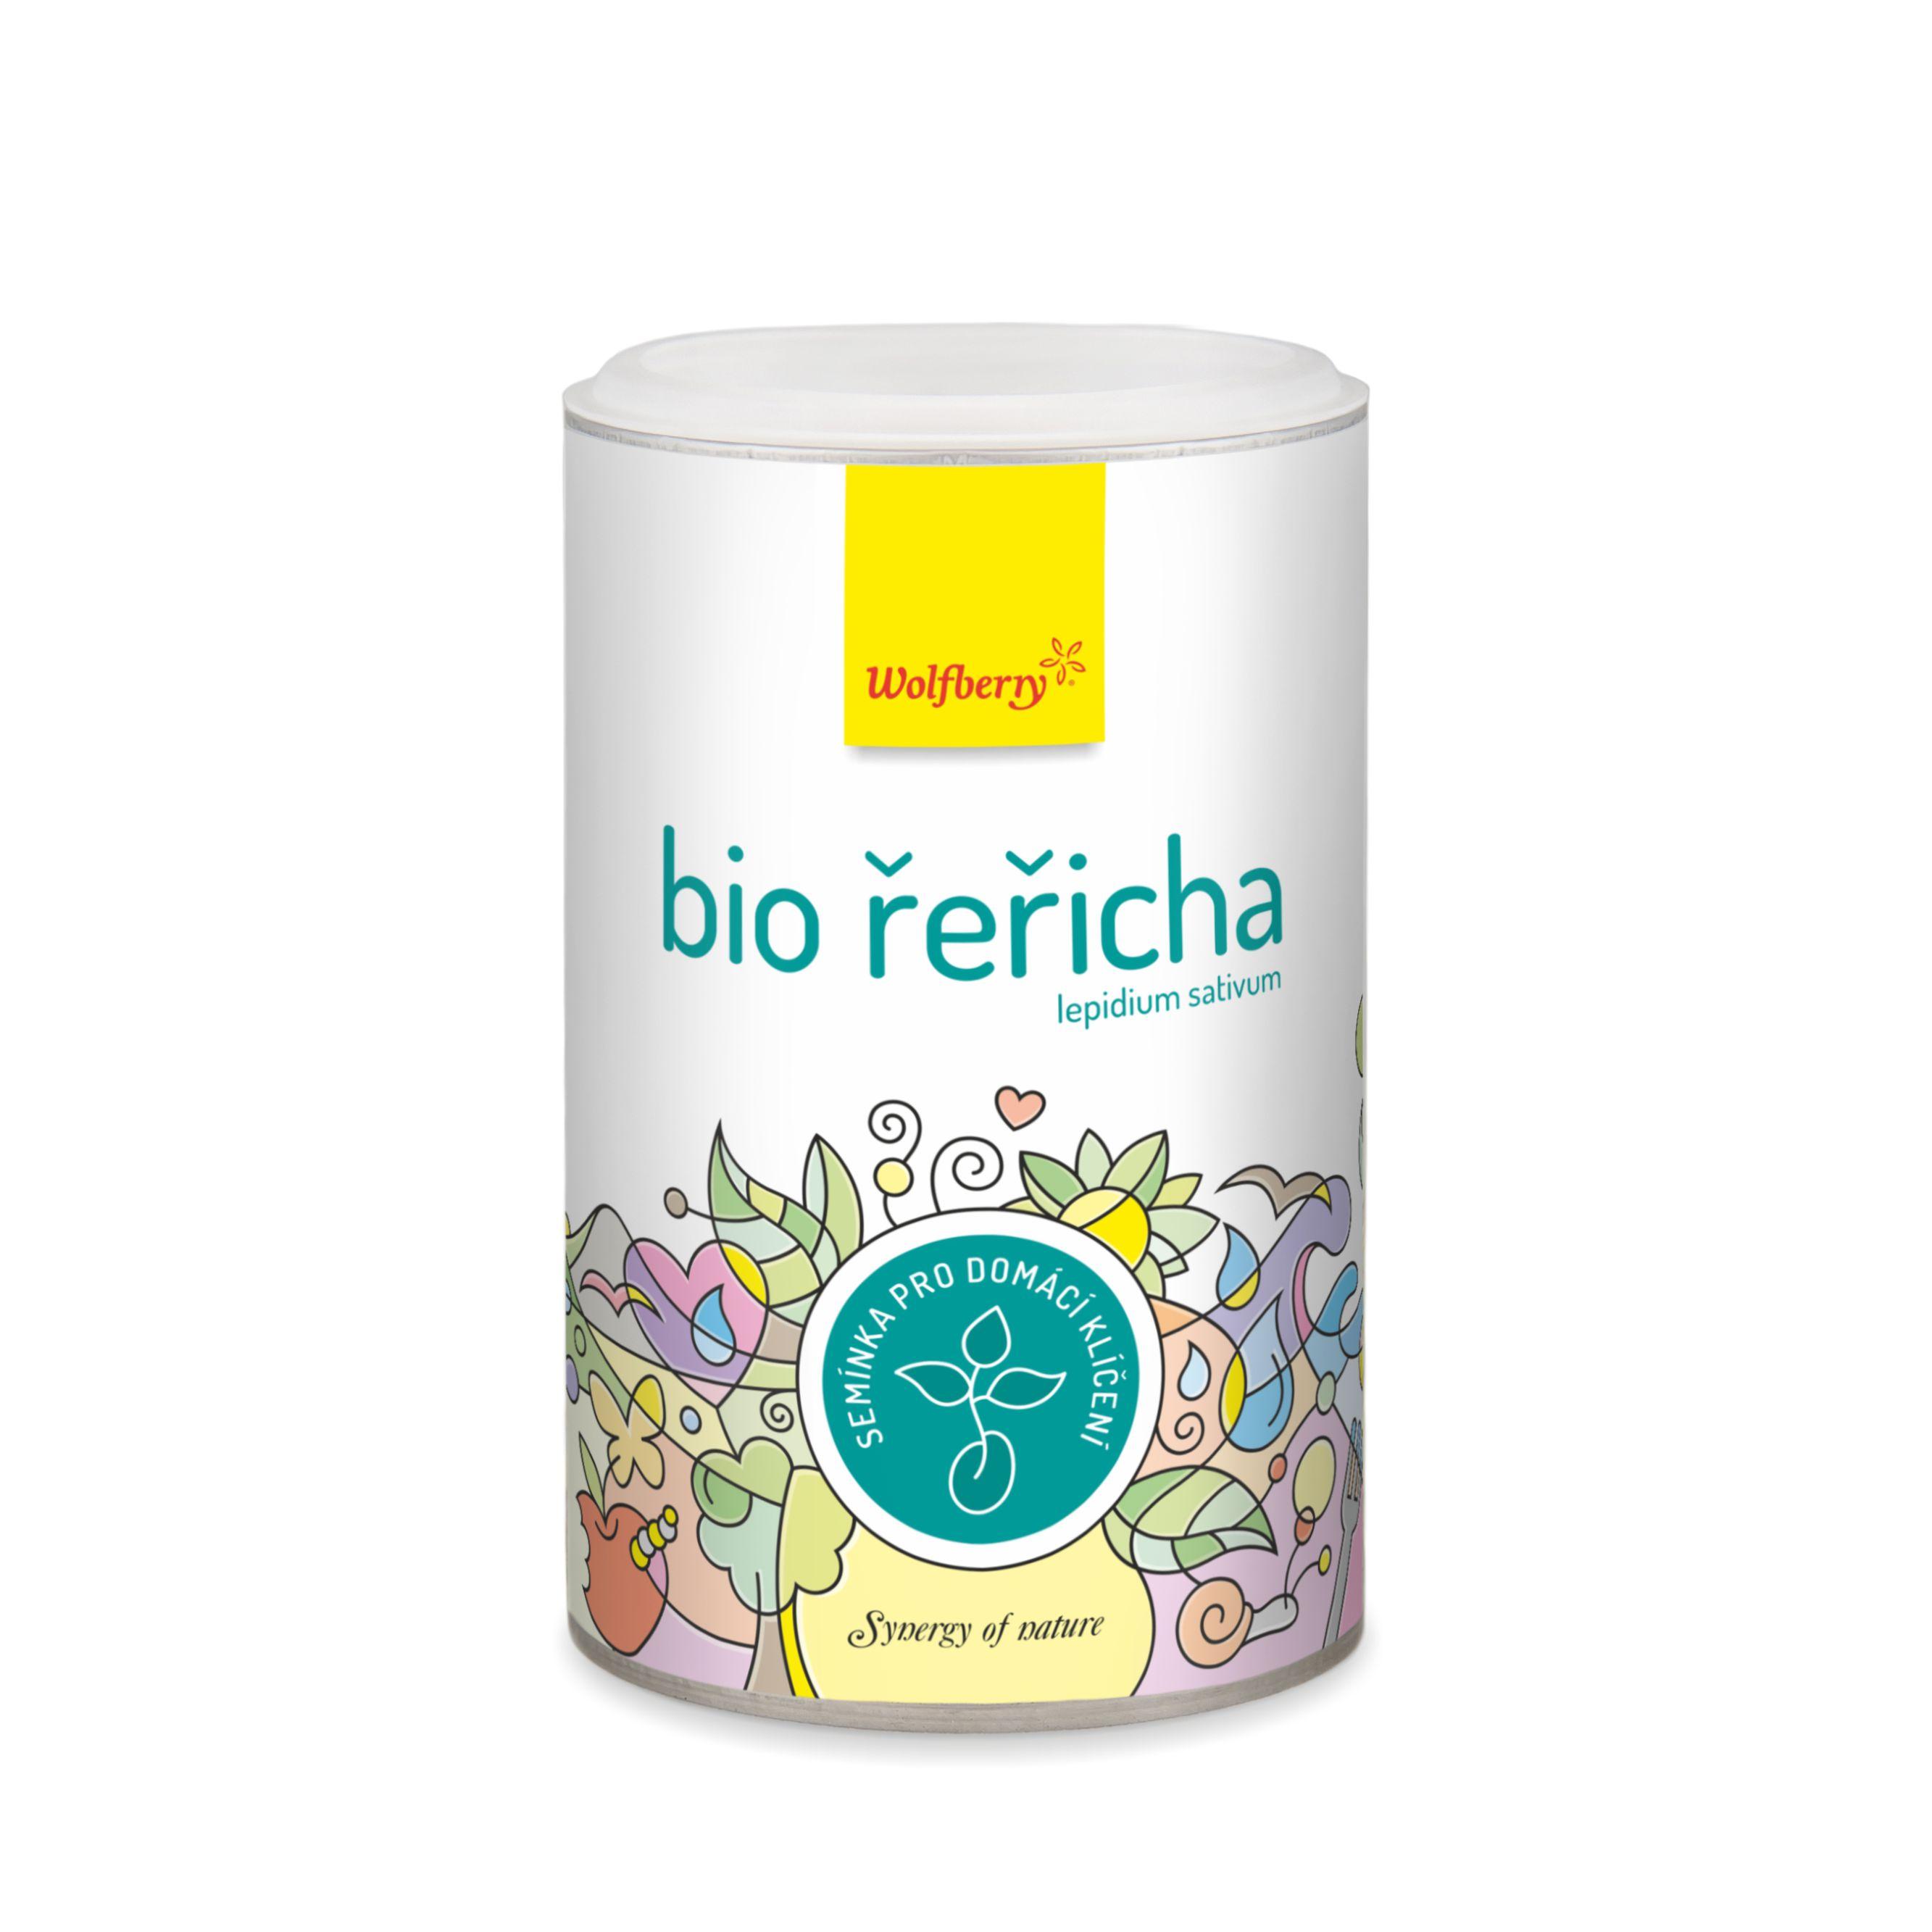 Wolfberry Žerucha BIO semienka na klíčenie 200 g Wolfberry * 200 g